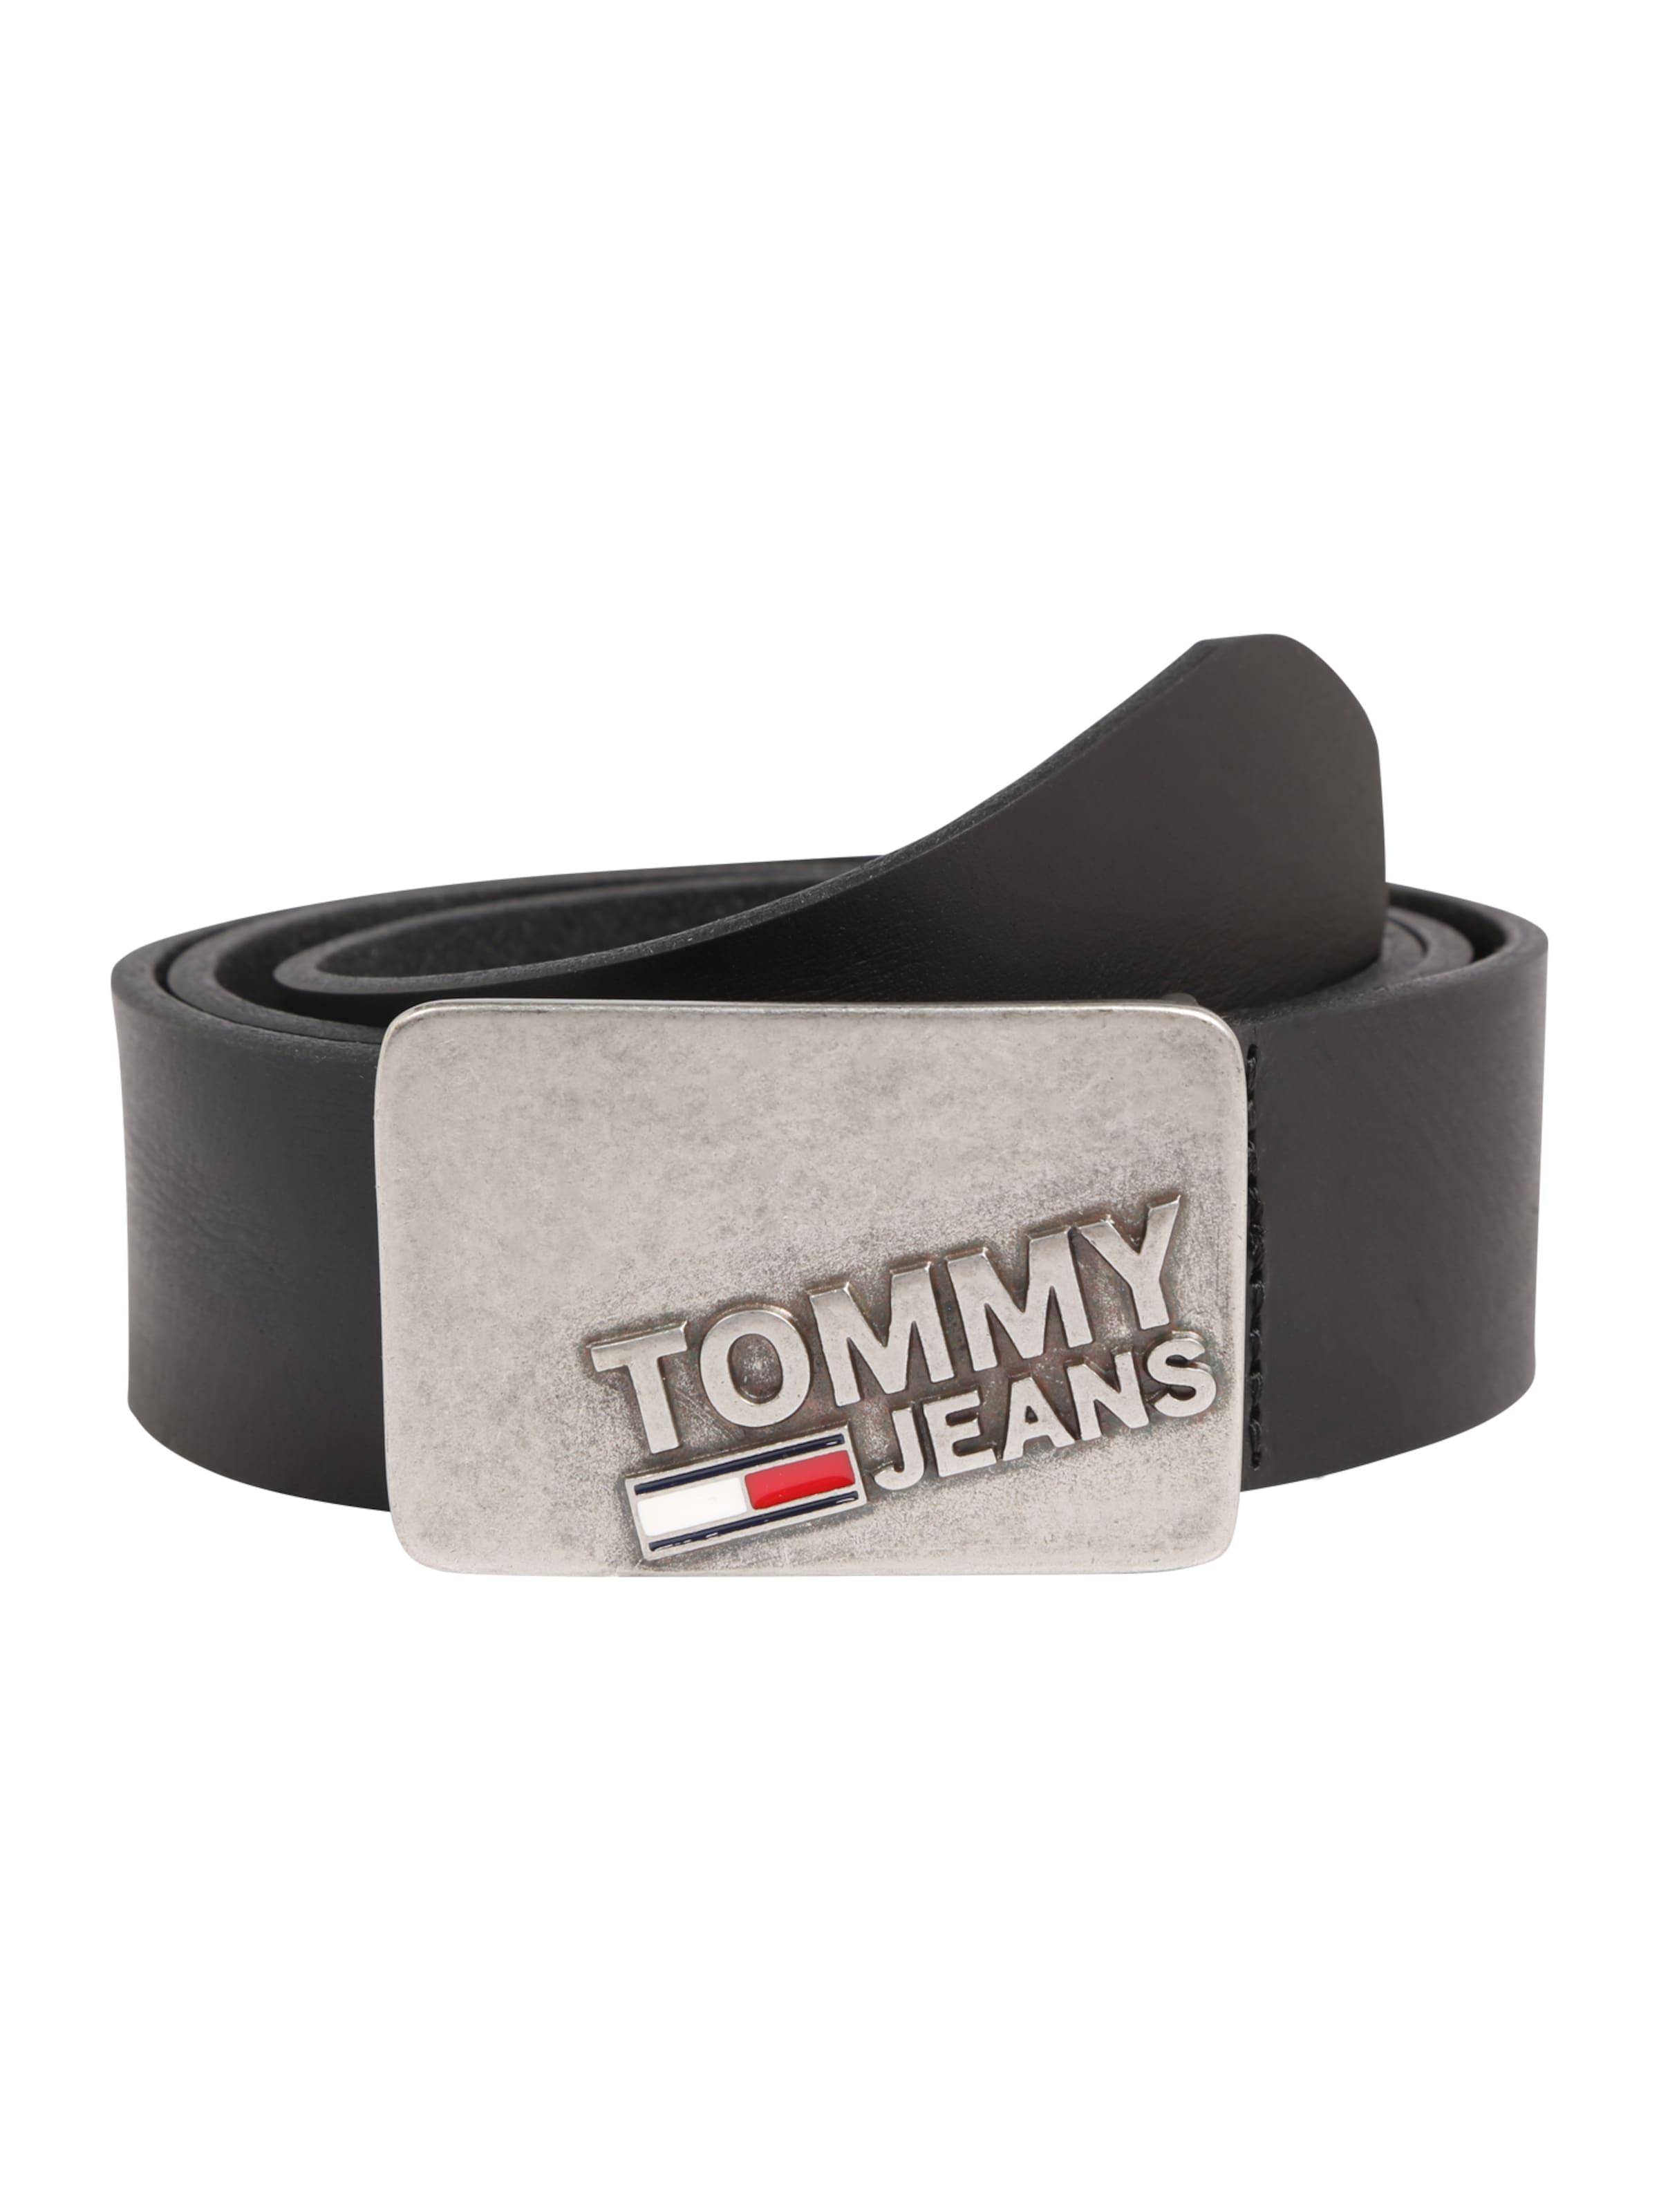 Tommy Jeans Ledergürtel mit Plakette Schlussverkauf Billige Wahl Freies Verschiffen Neue Stile Suche Nach Online Auslass Wirklich i6R5l